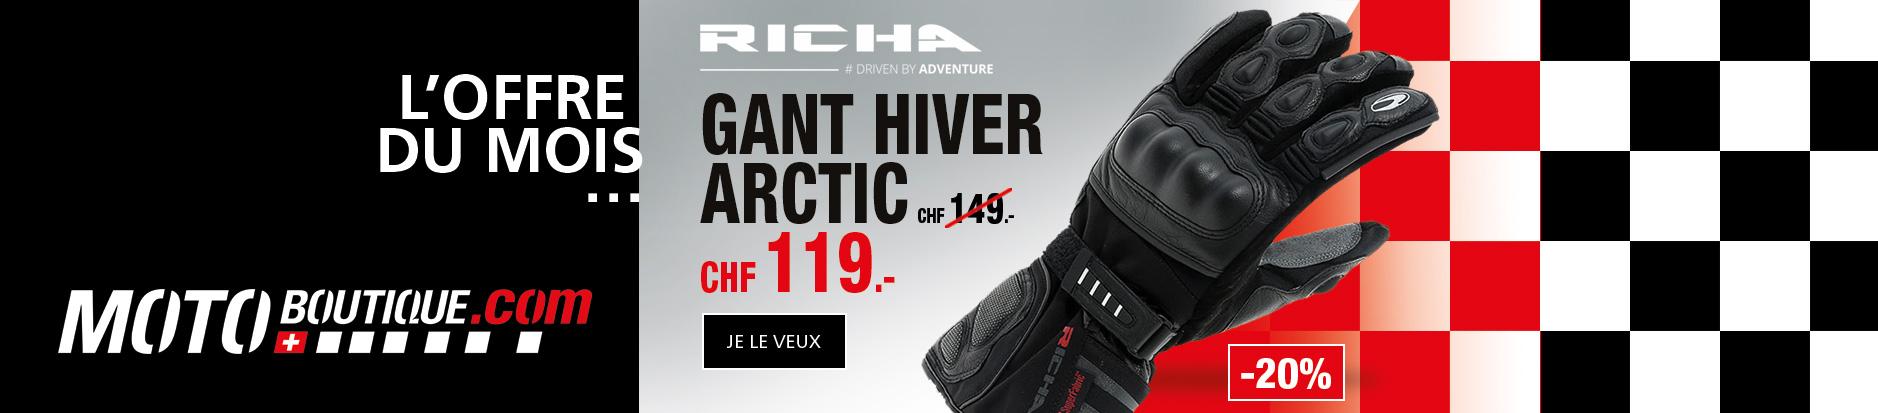 Offre du mois gant hiver Richa Arctic